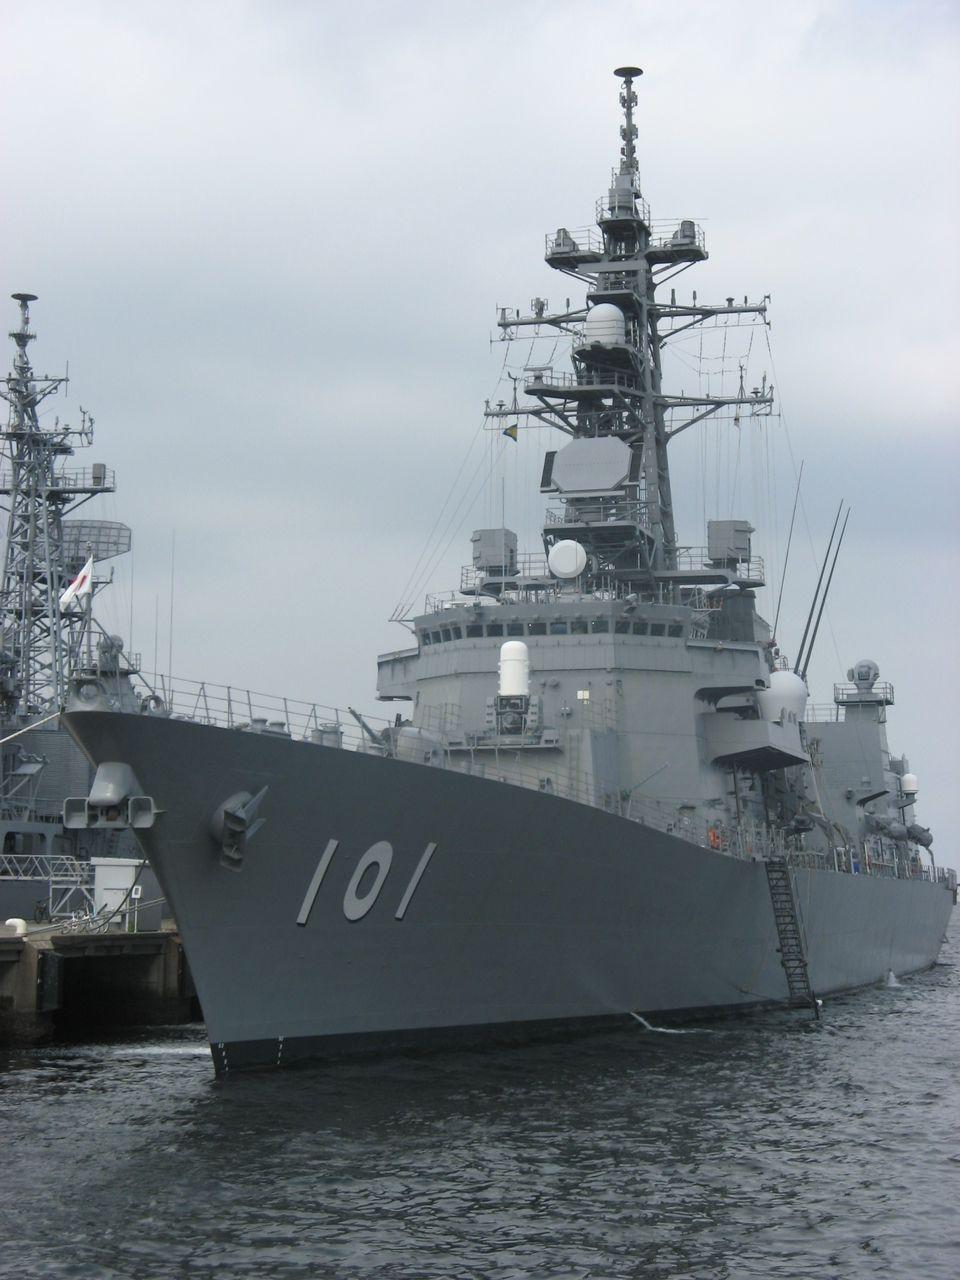 艦これ速報 艦隊これくしょんまとめ : 【艦これ】聖地巡禮してきたので寫真を色々貼ってみる